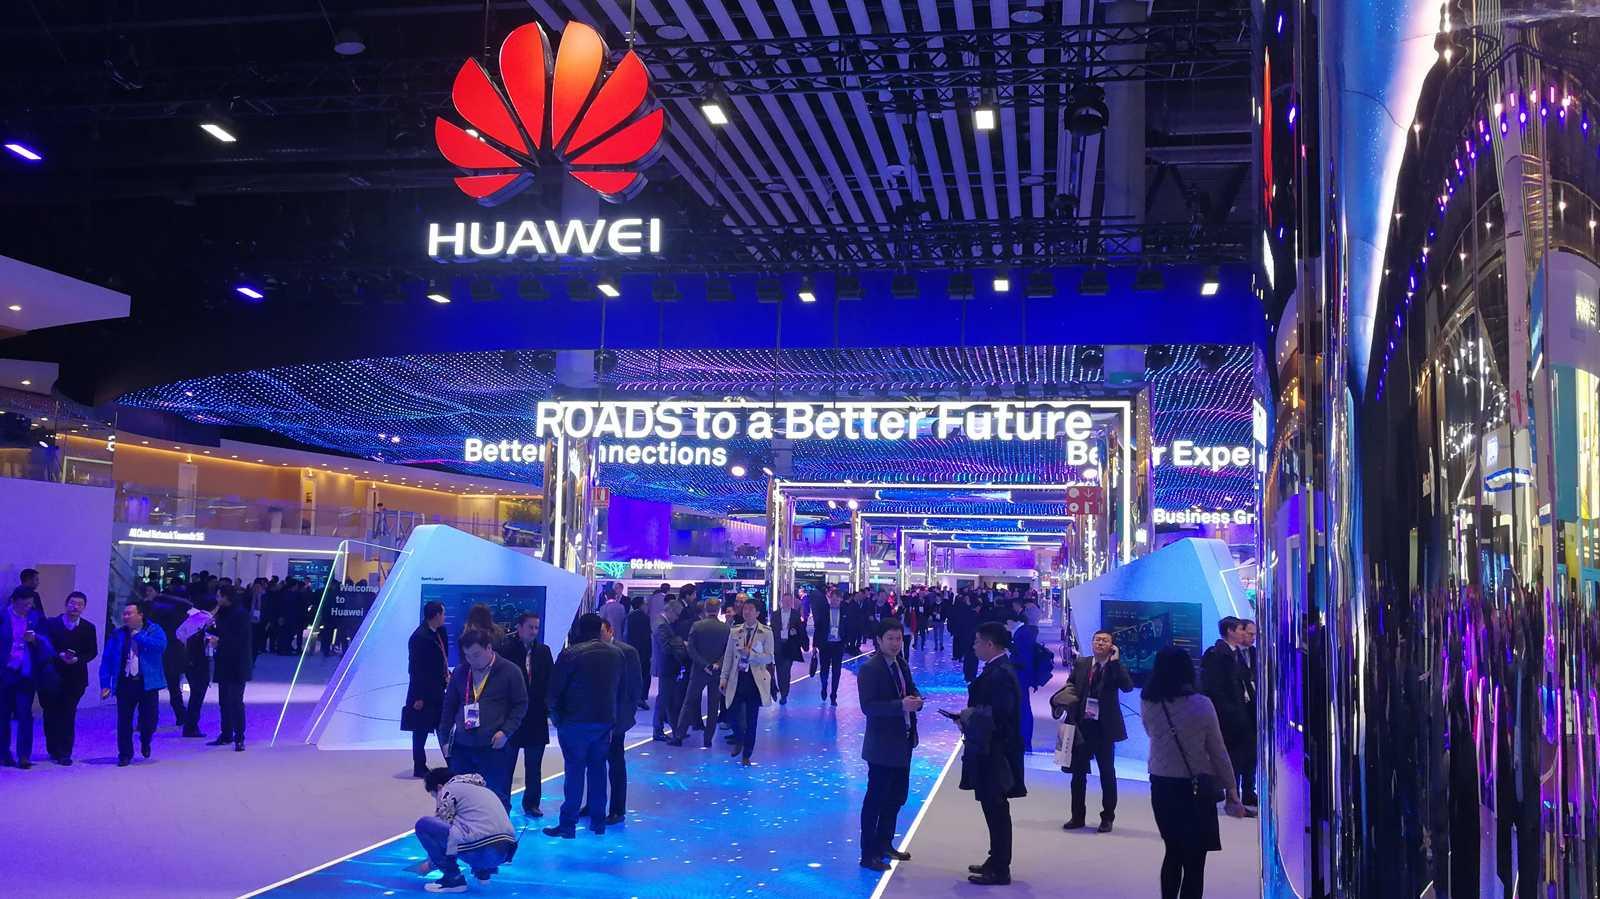 Debatte über Huawei: EU-Sicherheitskommissar warnt vor chinesischer IT-Dominanz